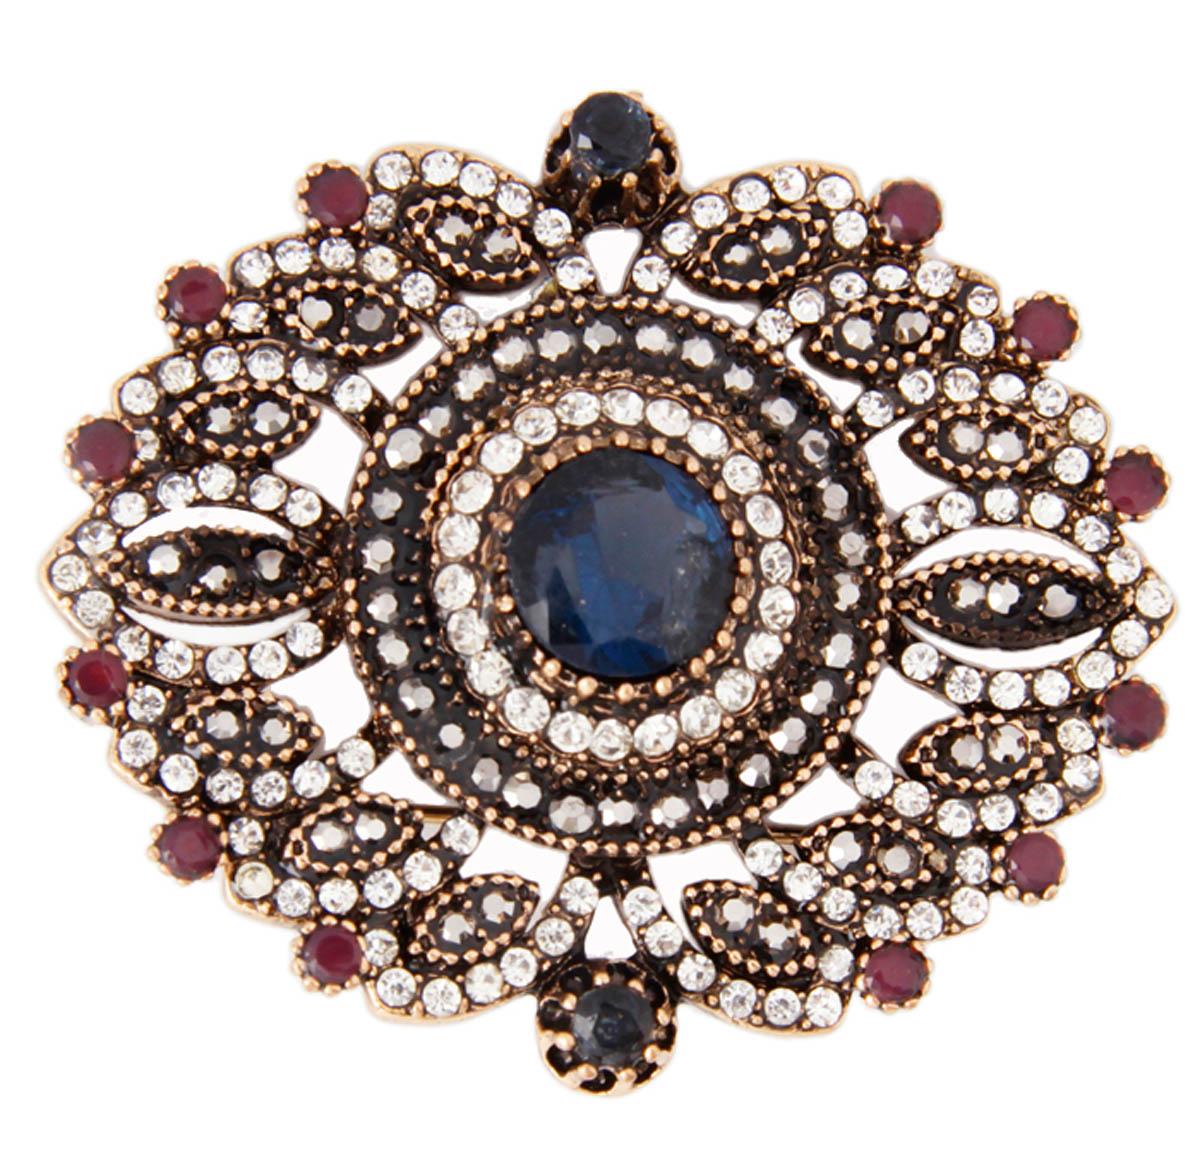 """Брошь """"Баус"""" в византийском стиле. Бижутерный сплав, австрийские кристаллы, искусственные камни. Конец XX века ОС30202"""